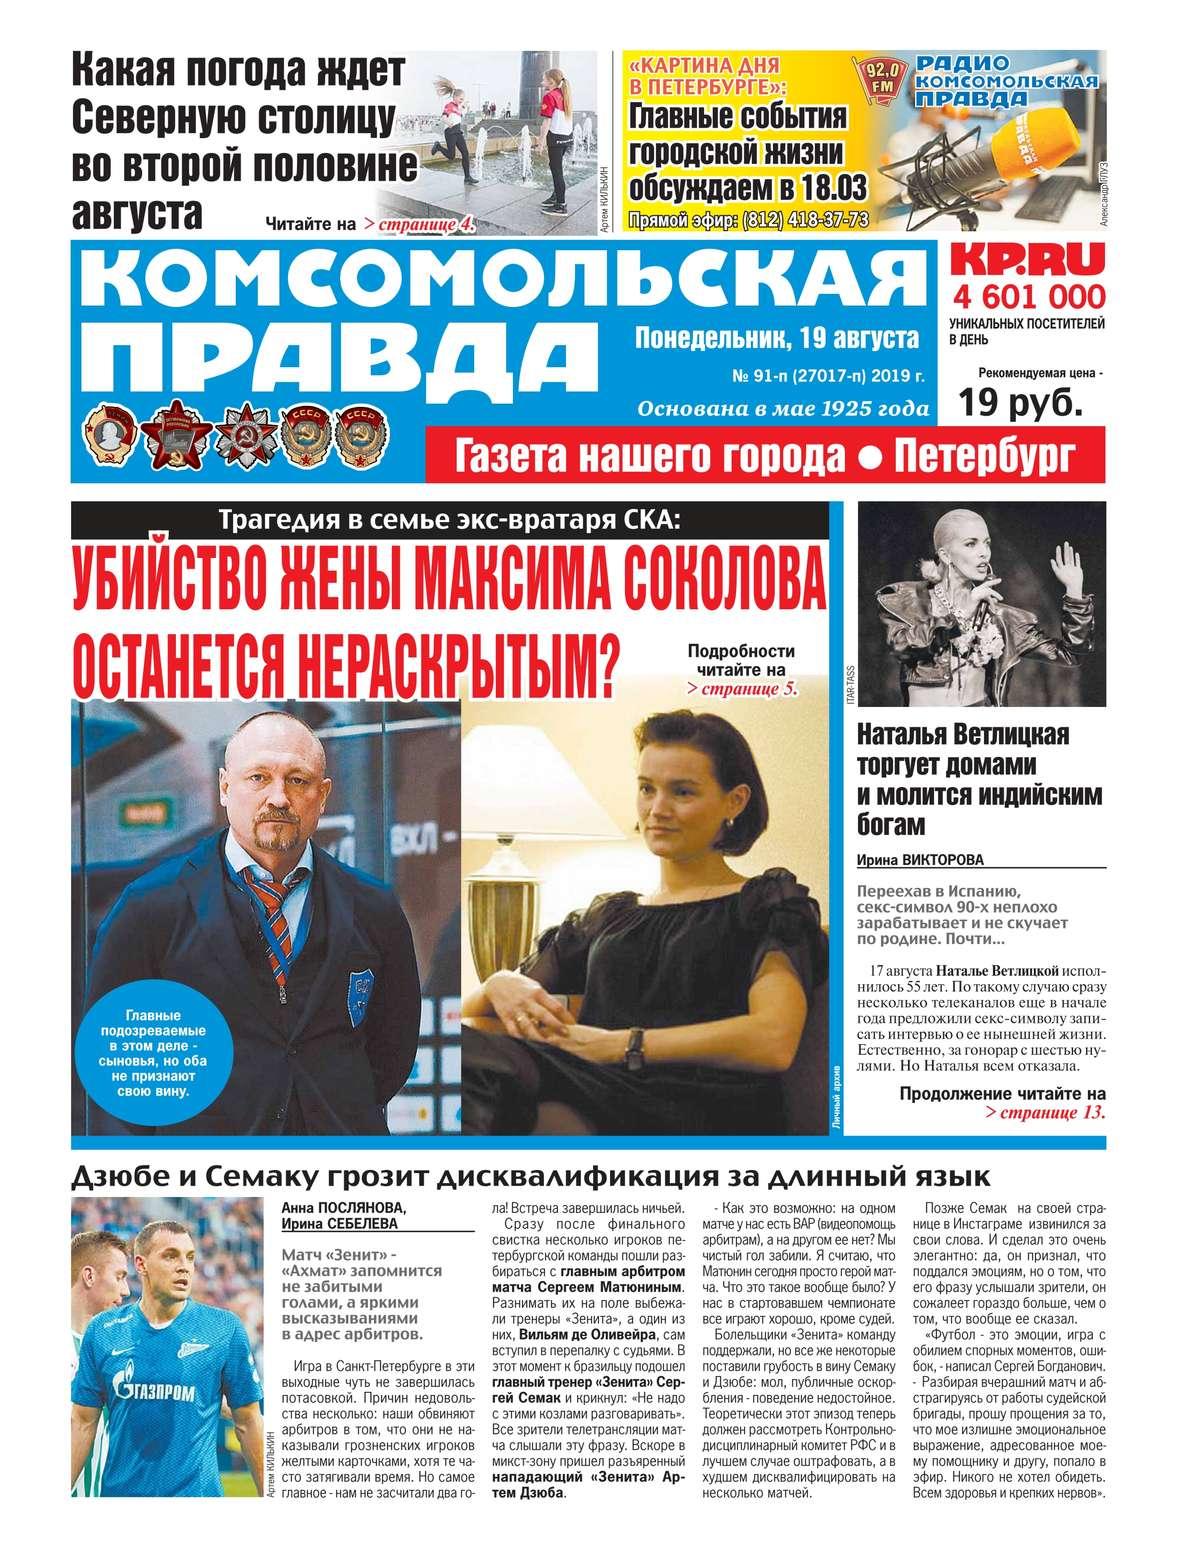 Комсомольская Правда. Санкт-Петербург 91п-2019